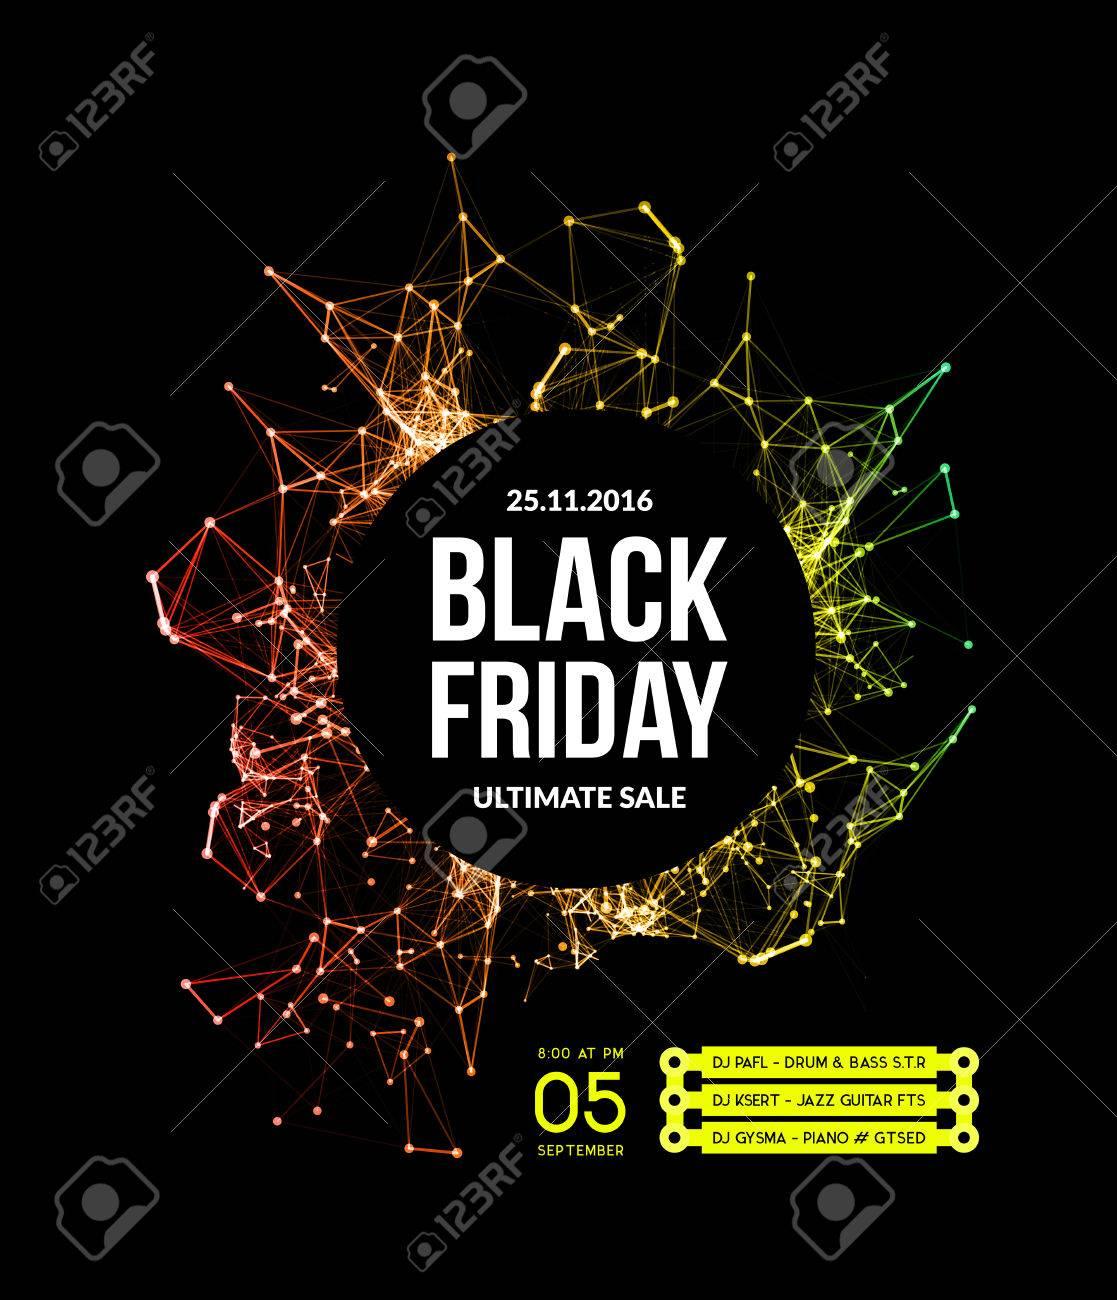 Black friday sale. Vector illustration on black background - 61214620